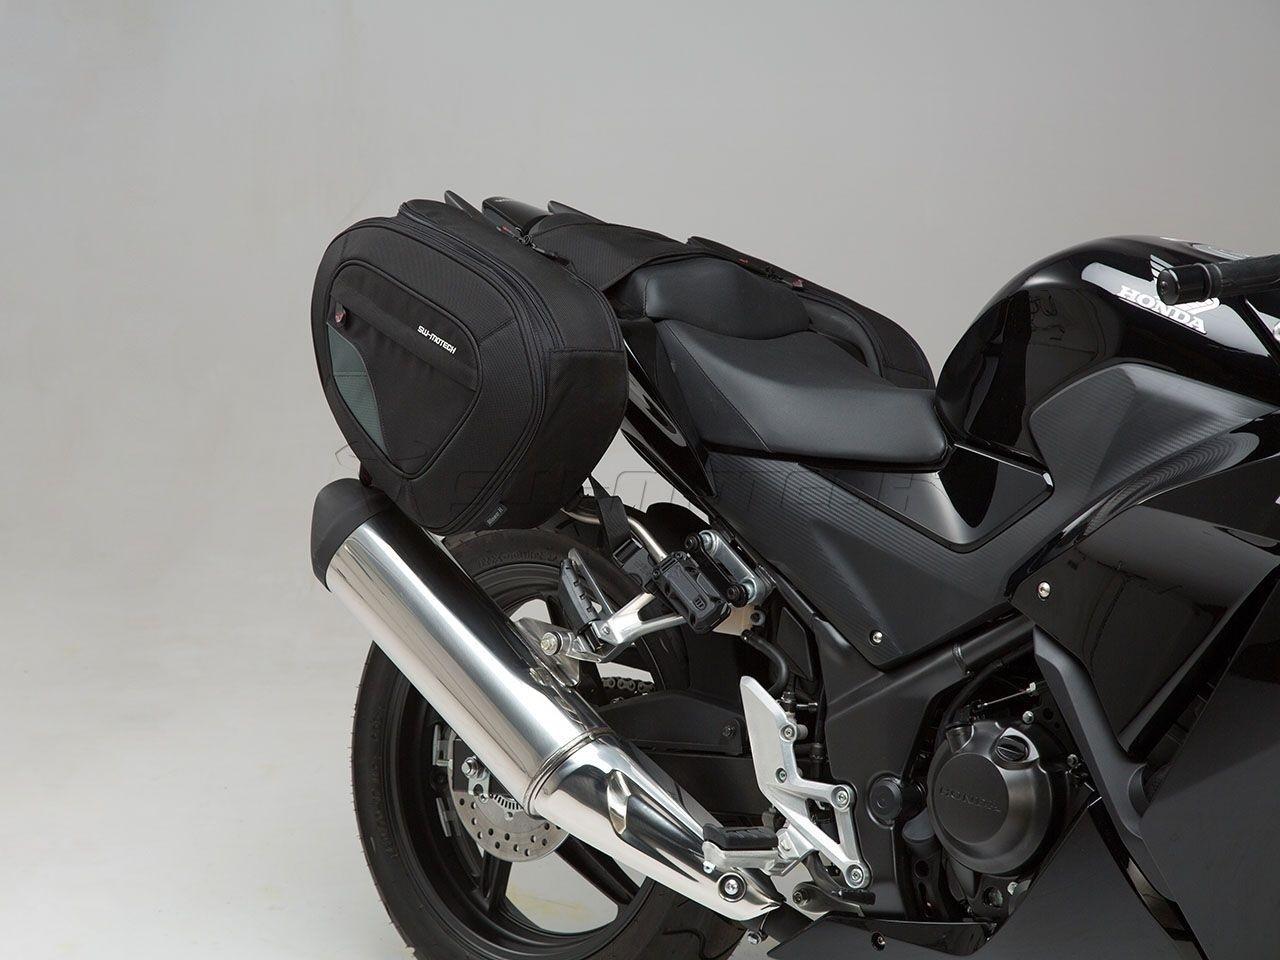 Honda CB 500 F / R (16-) - sada sedlových tašek BLAZE® a držáků